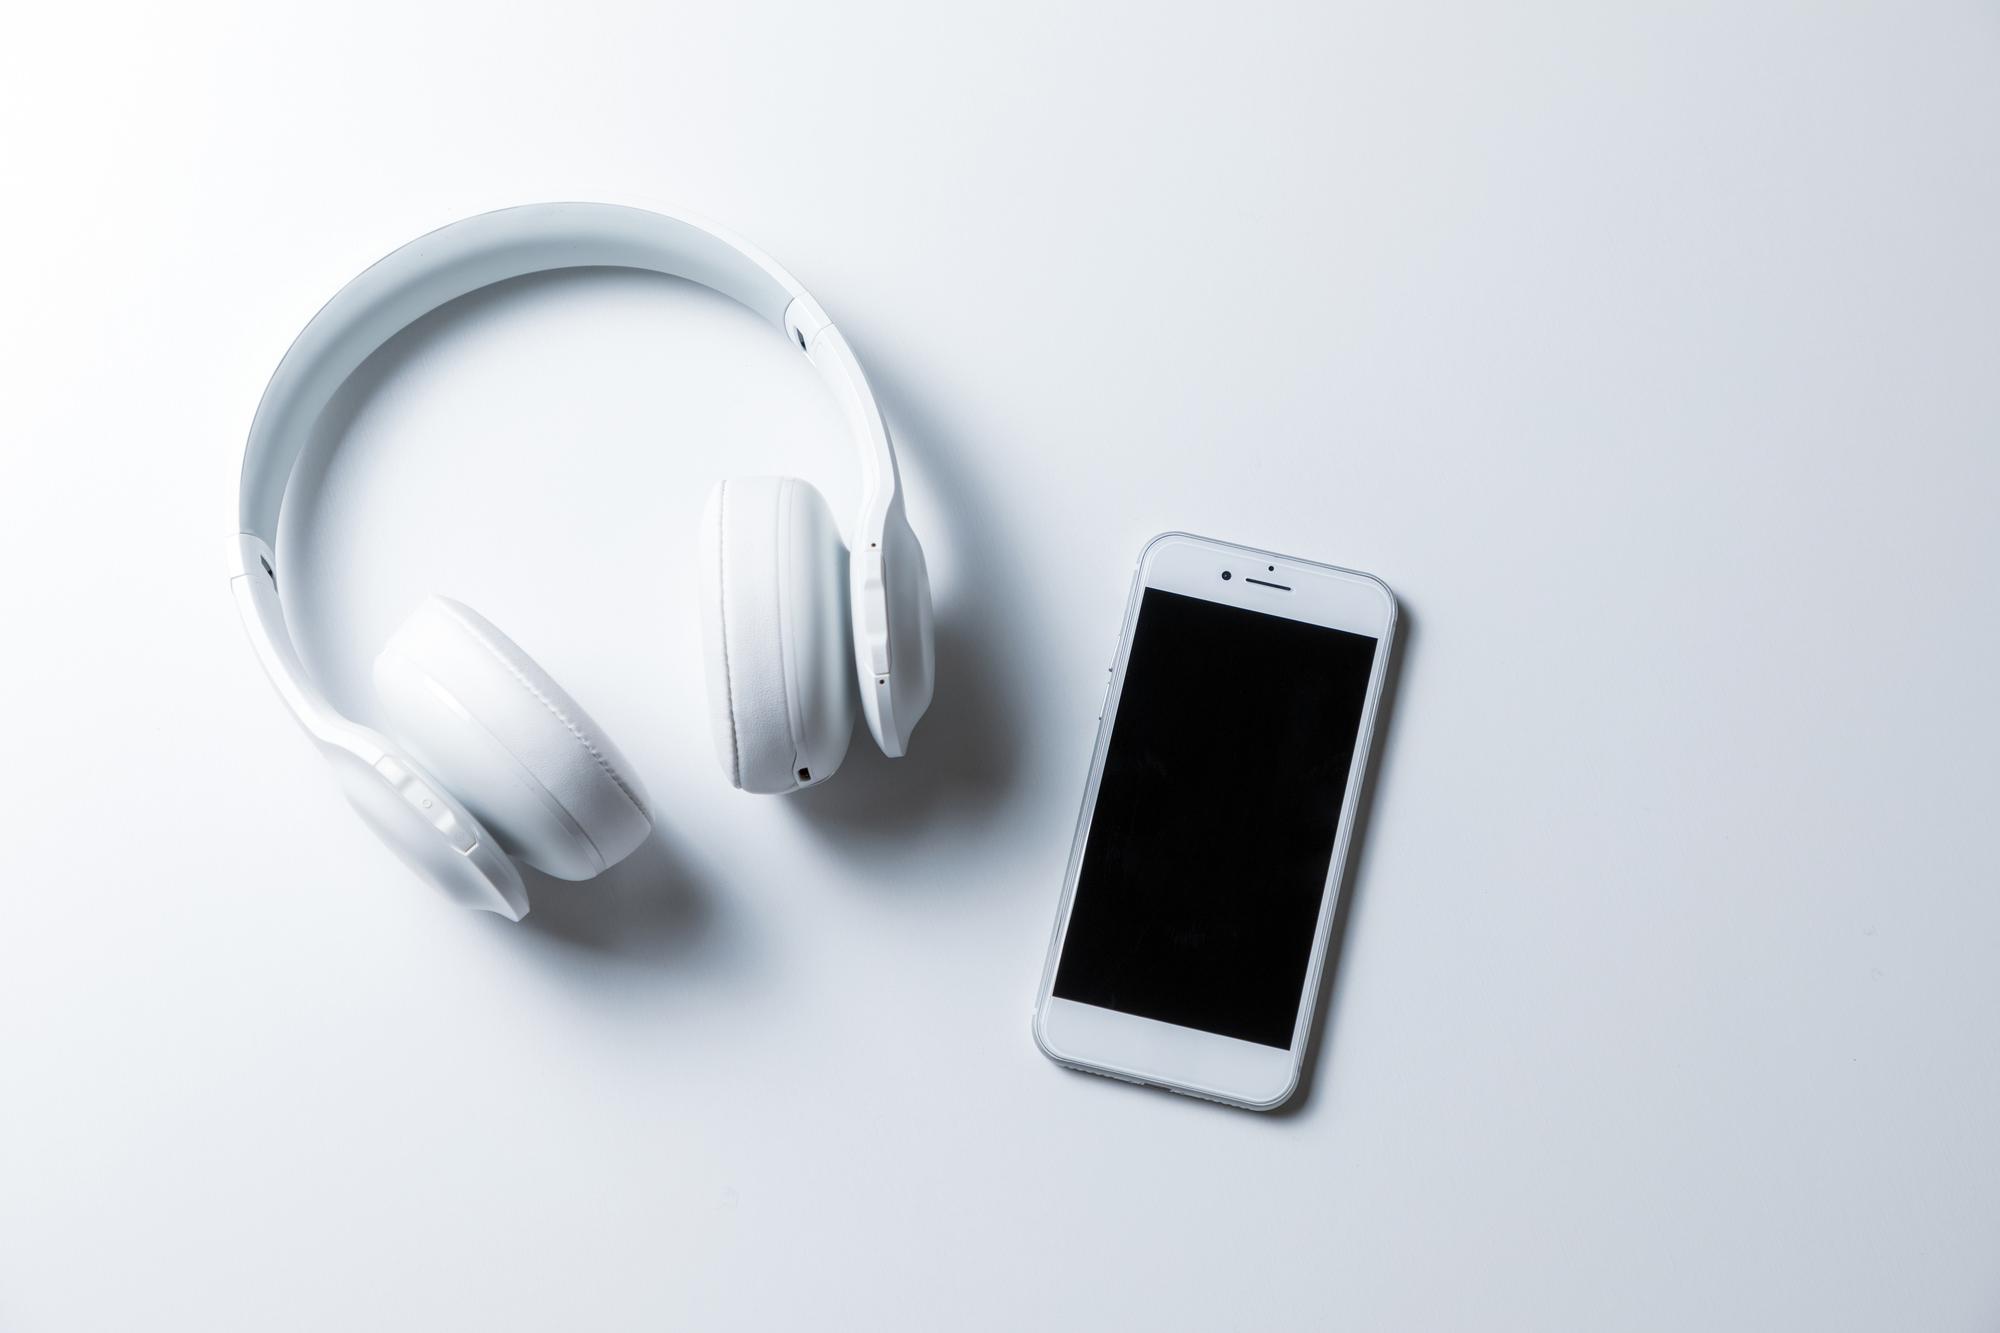 iPhoneでのワイヤレスイヤホンの接続方法はとっても簡単です。次の手順で完了します。